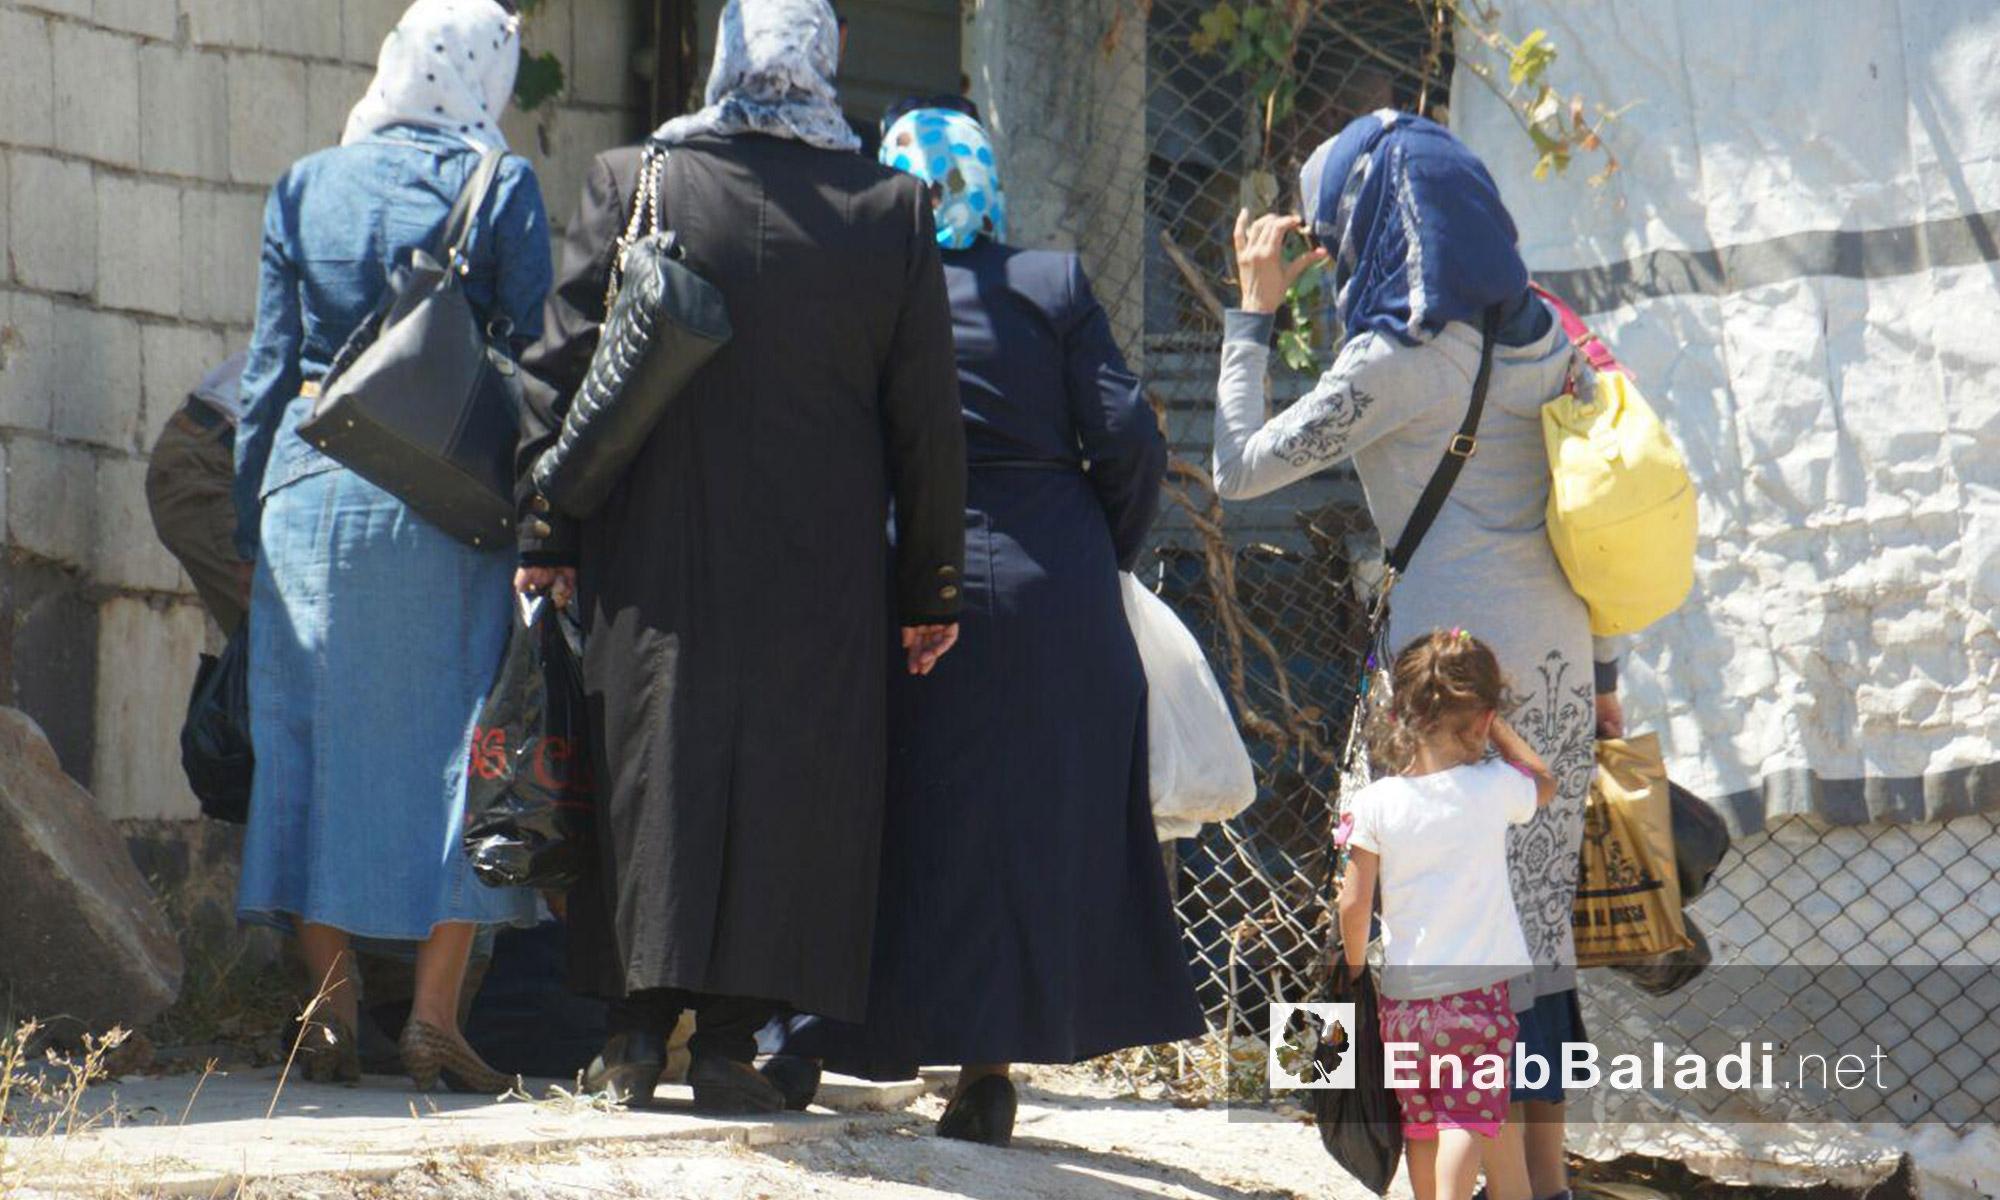 """عائلات قرب معبر """"دوار المهندسين"""" في حي الوعر بحمص - الثلاثاء 6 أيلول (عنب بلدي)"""